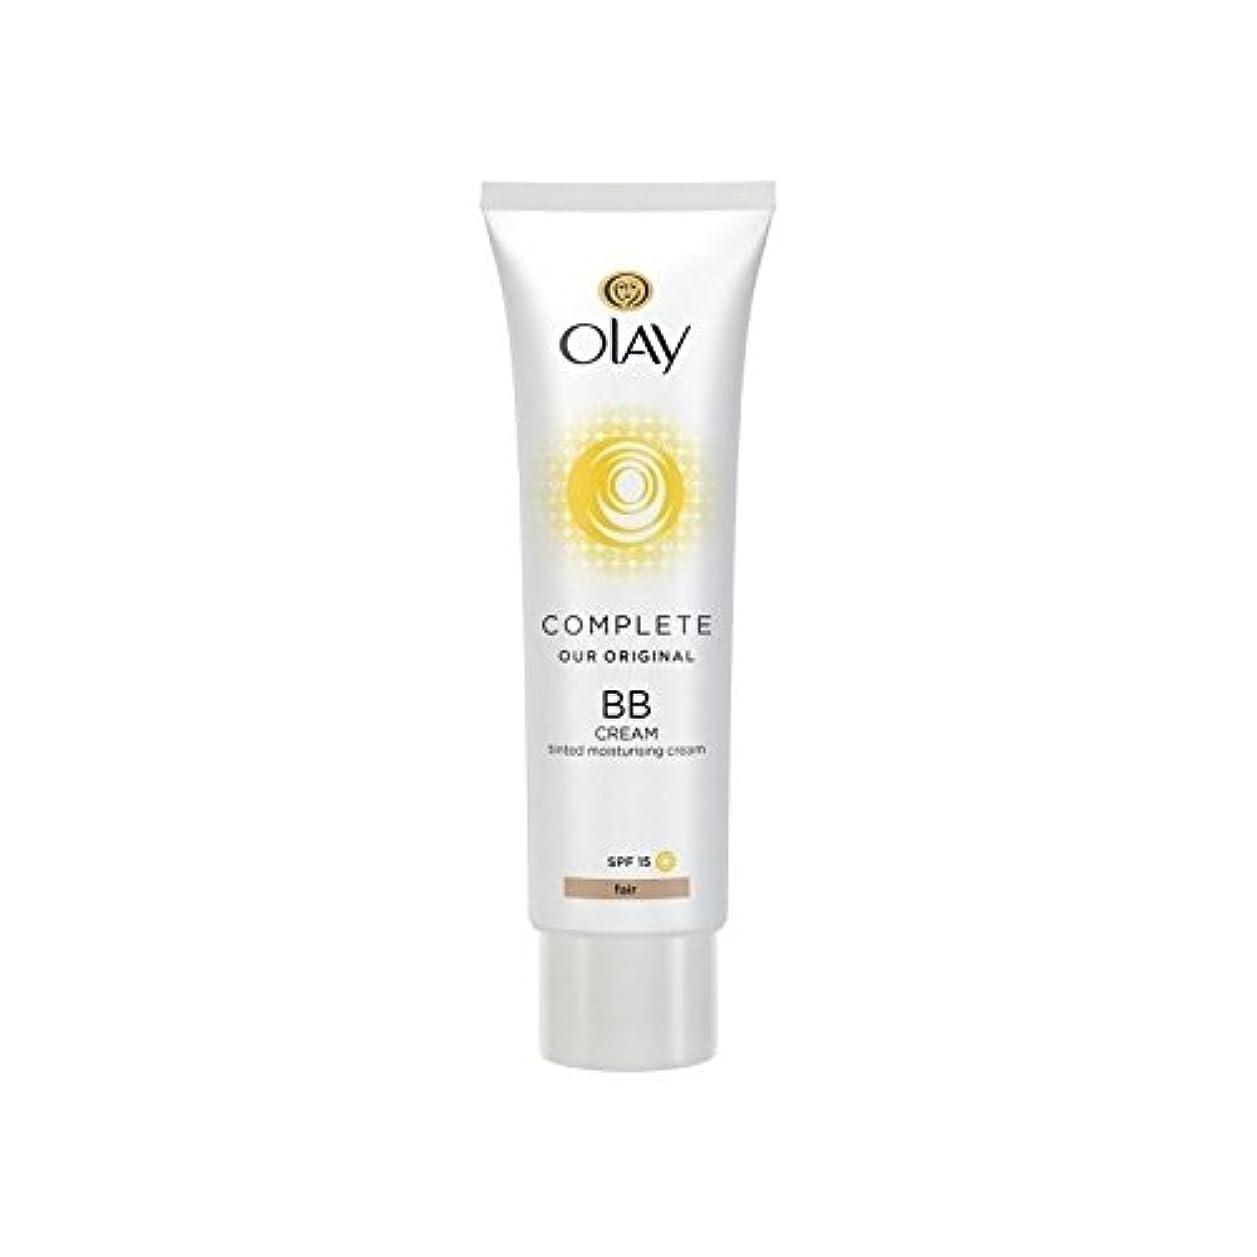 開発するベース生息地Olay Complete BB Cream Fair SPF15 50ml - オーレイ完全なクリーム15フェアの50ミリリットル [並行輸入品]